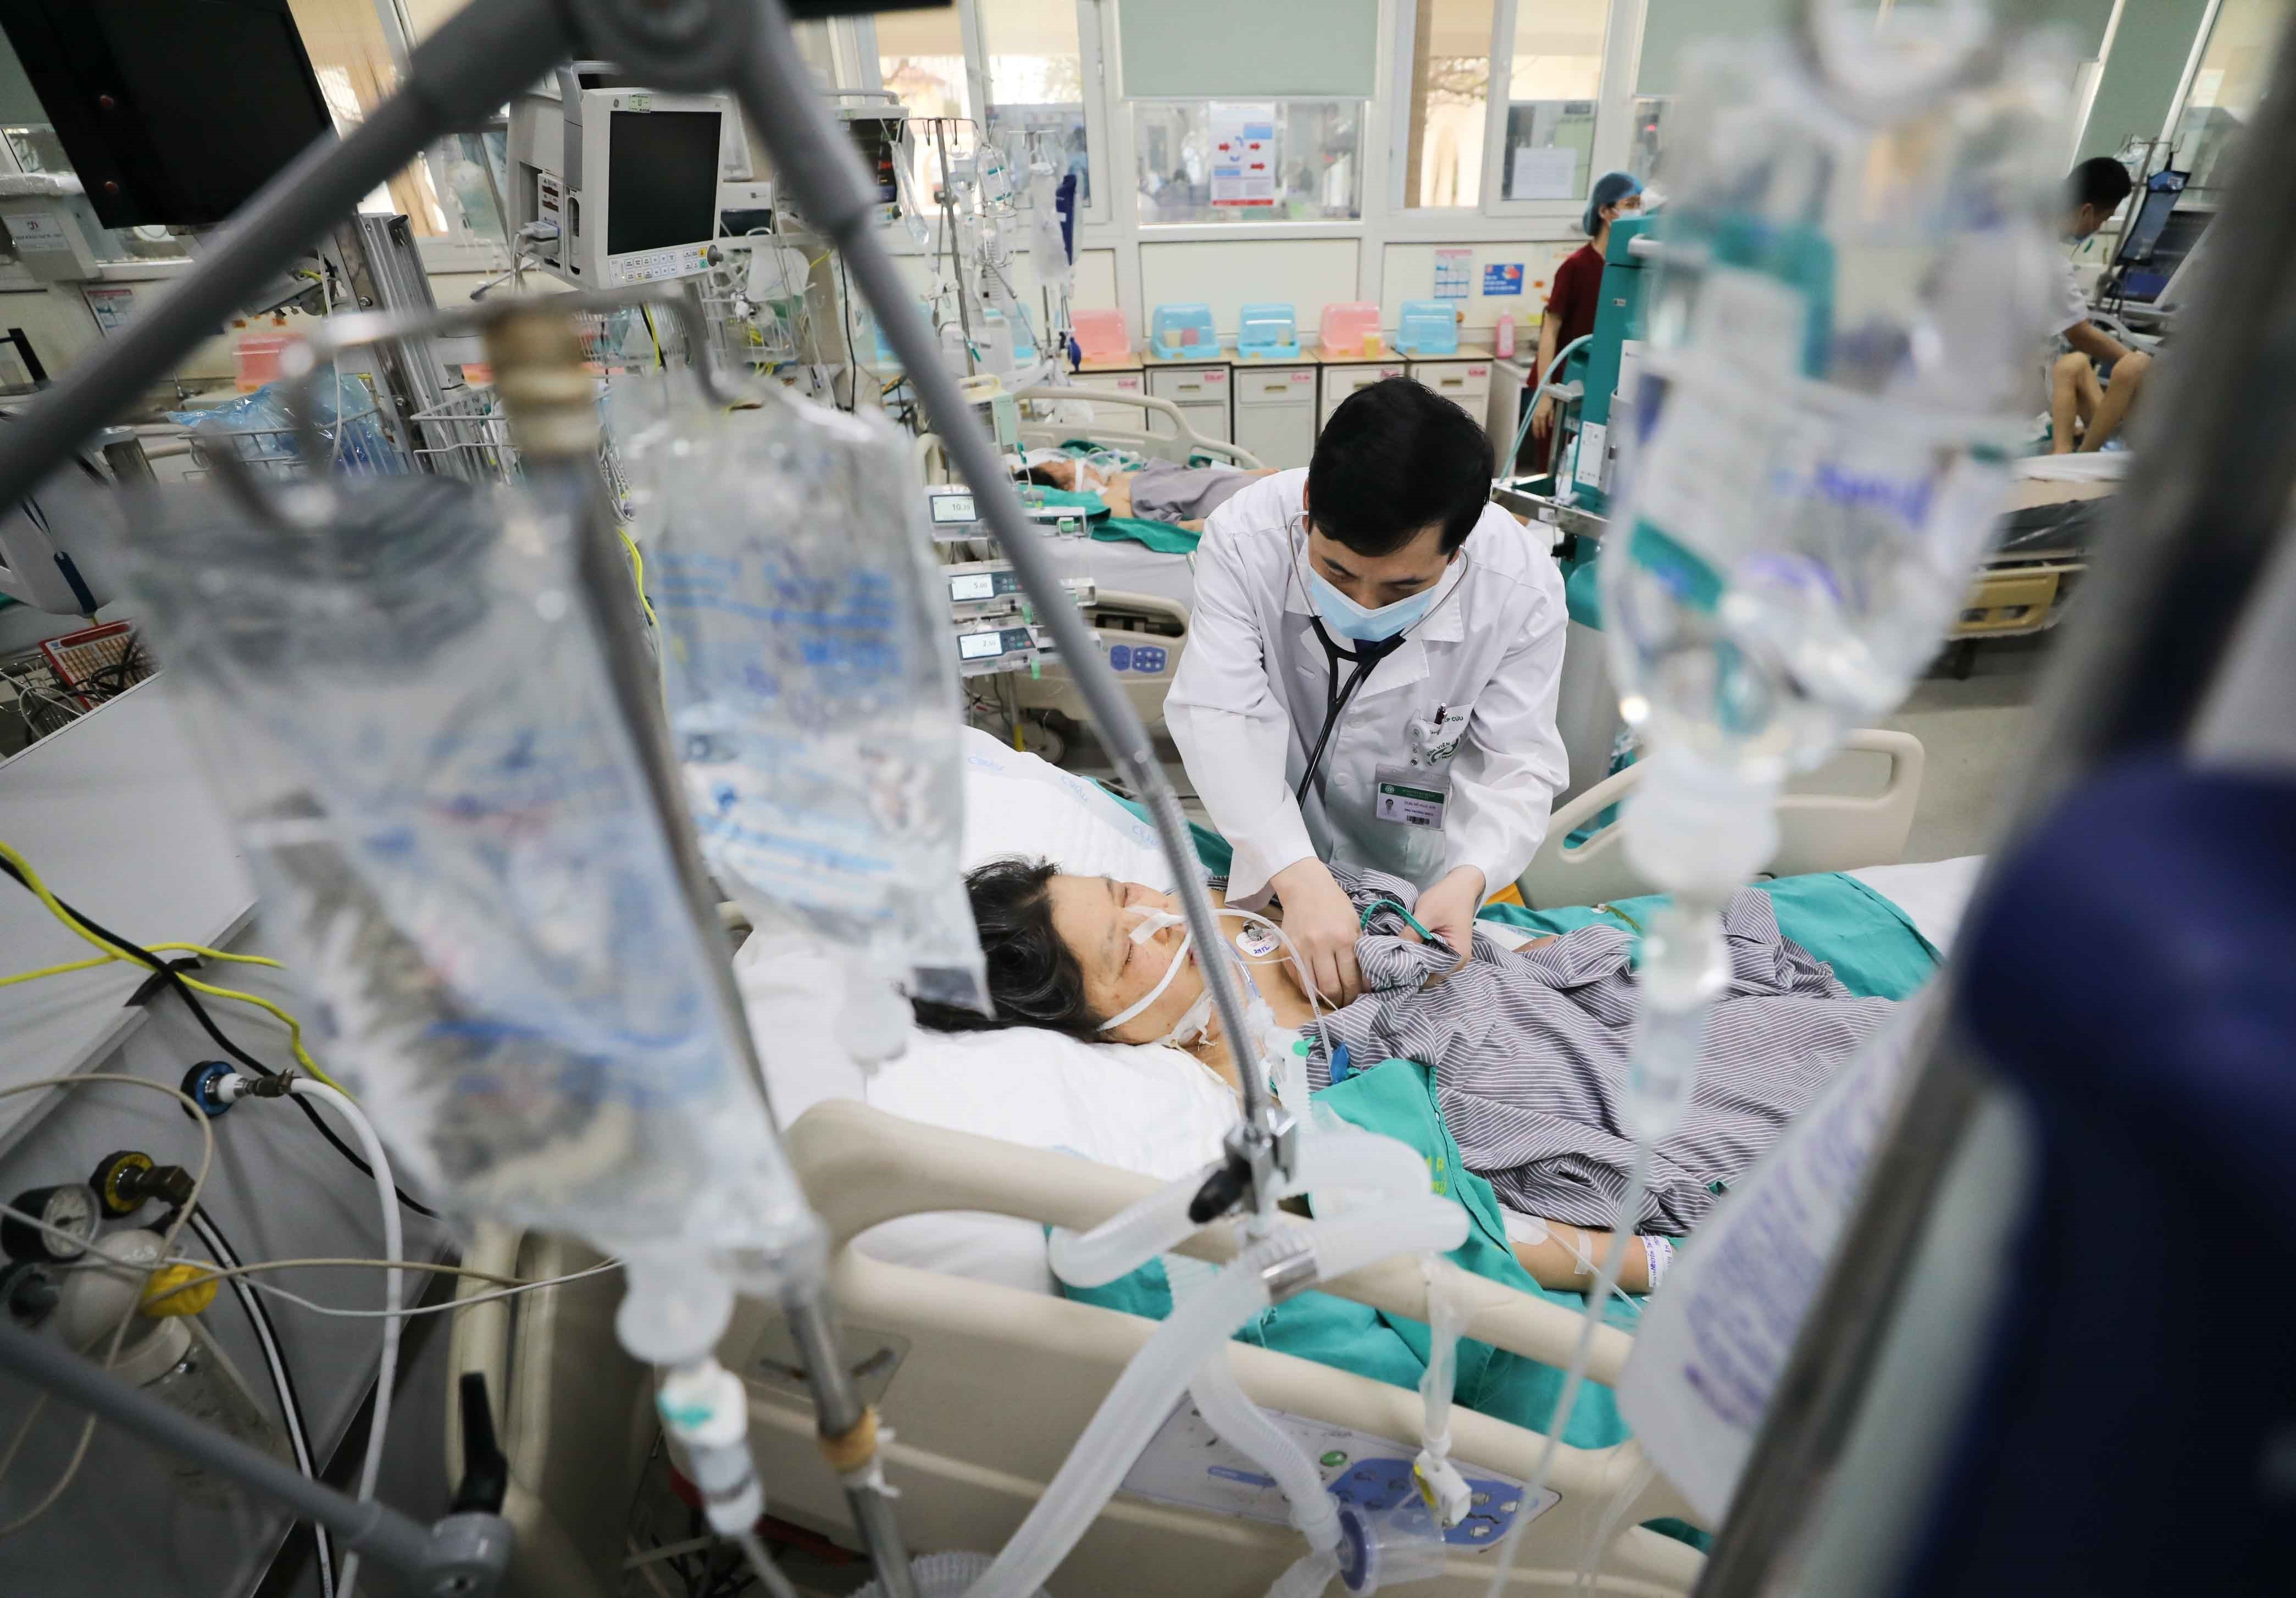 Các y bác sỹ với những nỗ lực cứu chữa cho bệnh nhân. (Ảnh: PV/Vietnam+)